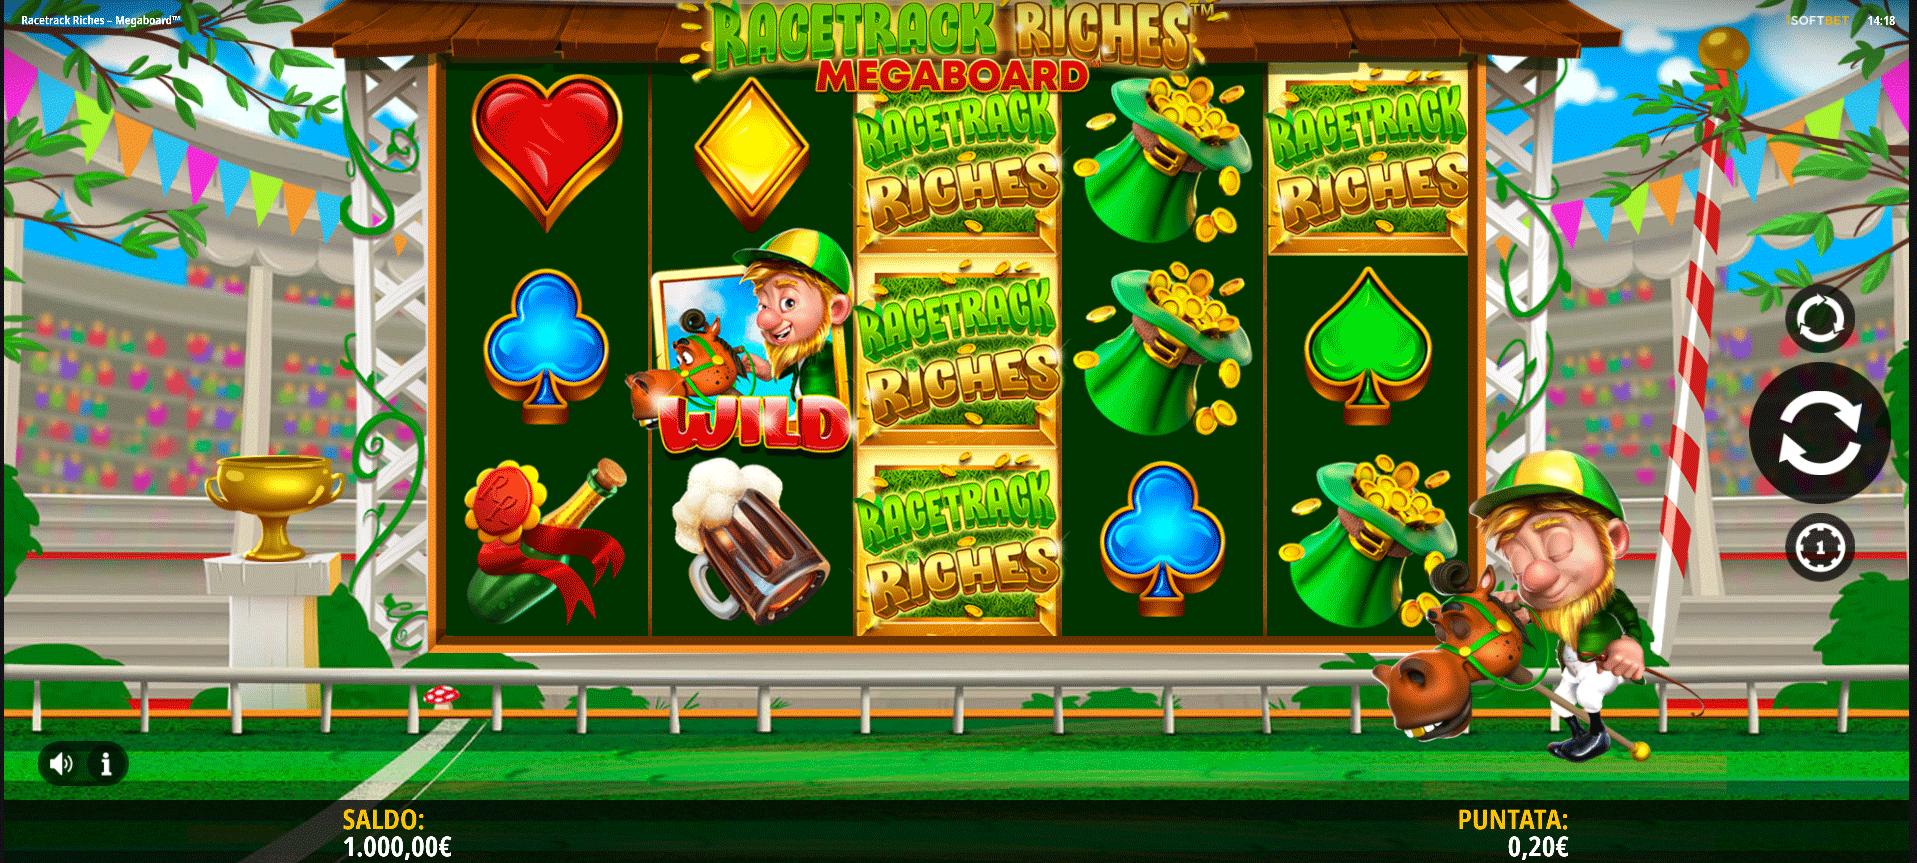 Slot Racetrack Riches Megaboard